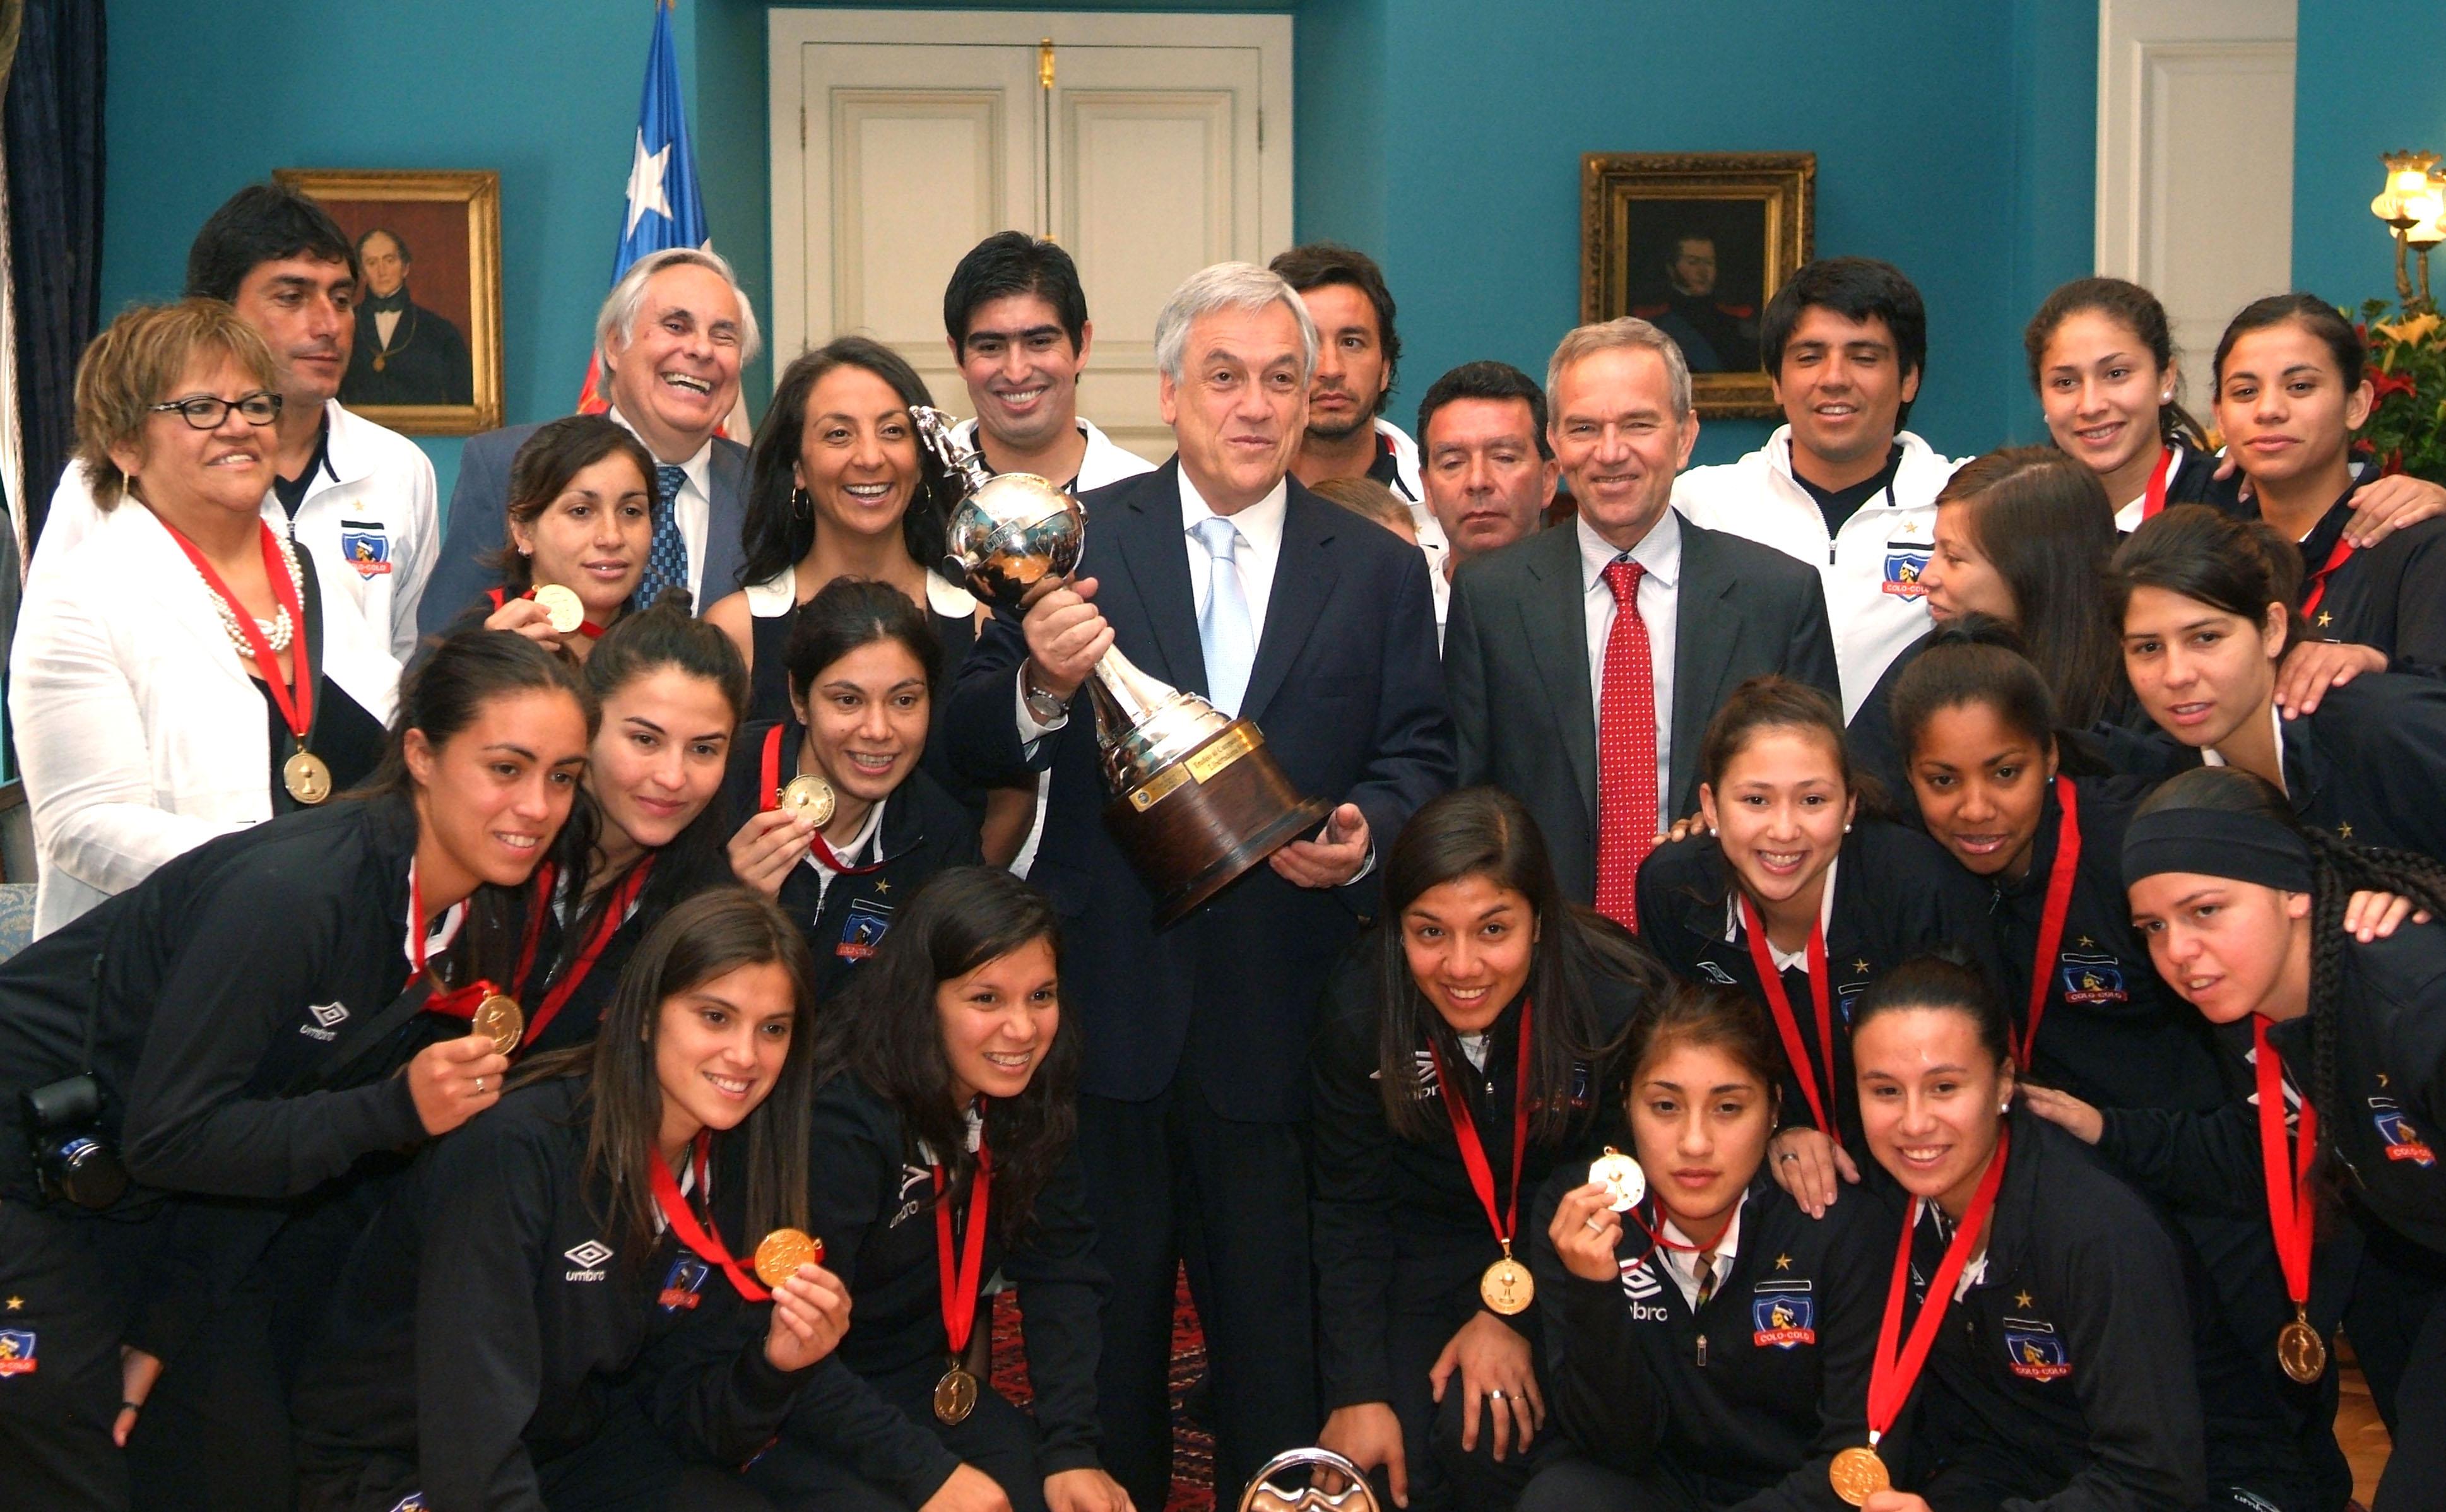 Depiction of Copa Libertadores Femenina 2012